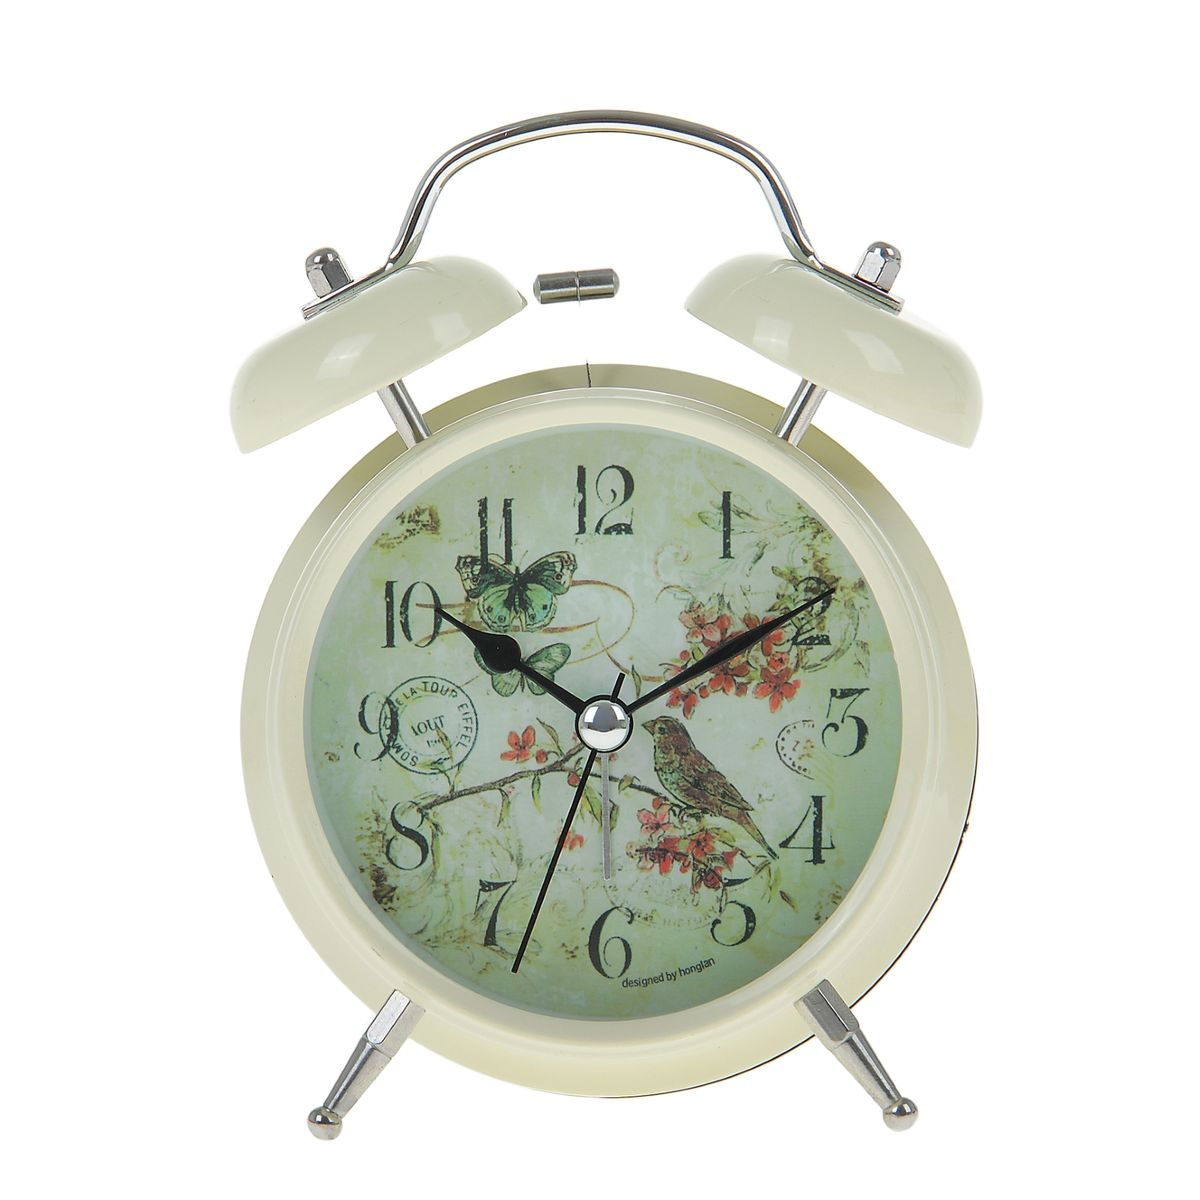 Часы-будильник Sima-land. 906603840843Как же сложно иногда вставать вовремя! Всегда так хочется поспать еще хотя бы 5 минут и бывает, что мы просыпаем. Теперь этого не случится! Яркий, оригинальный будильник Sima-land поможет вам всегда вставать в нужное время и успевать везде и всюду. Время показывает точно и будит в установленный час. Будильник украсит вашу комнату и приведет в восхищение друзей. На задней панели будильника расположены переключатель включения/выключения механизма и два колесика для настройки текущего времени и времени звонка будильника. Также будильник оснащен кнопкой, при нажатии и удержании которой, подсвечивается циферблат.Будильник работает от 2 батареек типа AA напряжением 1,5V (не входят в комплект).